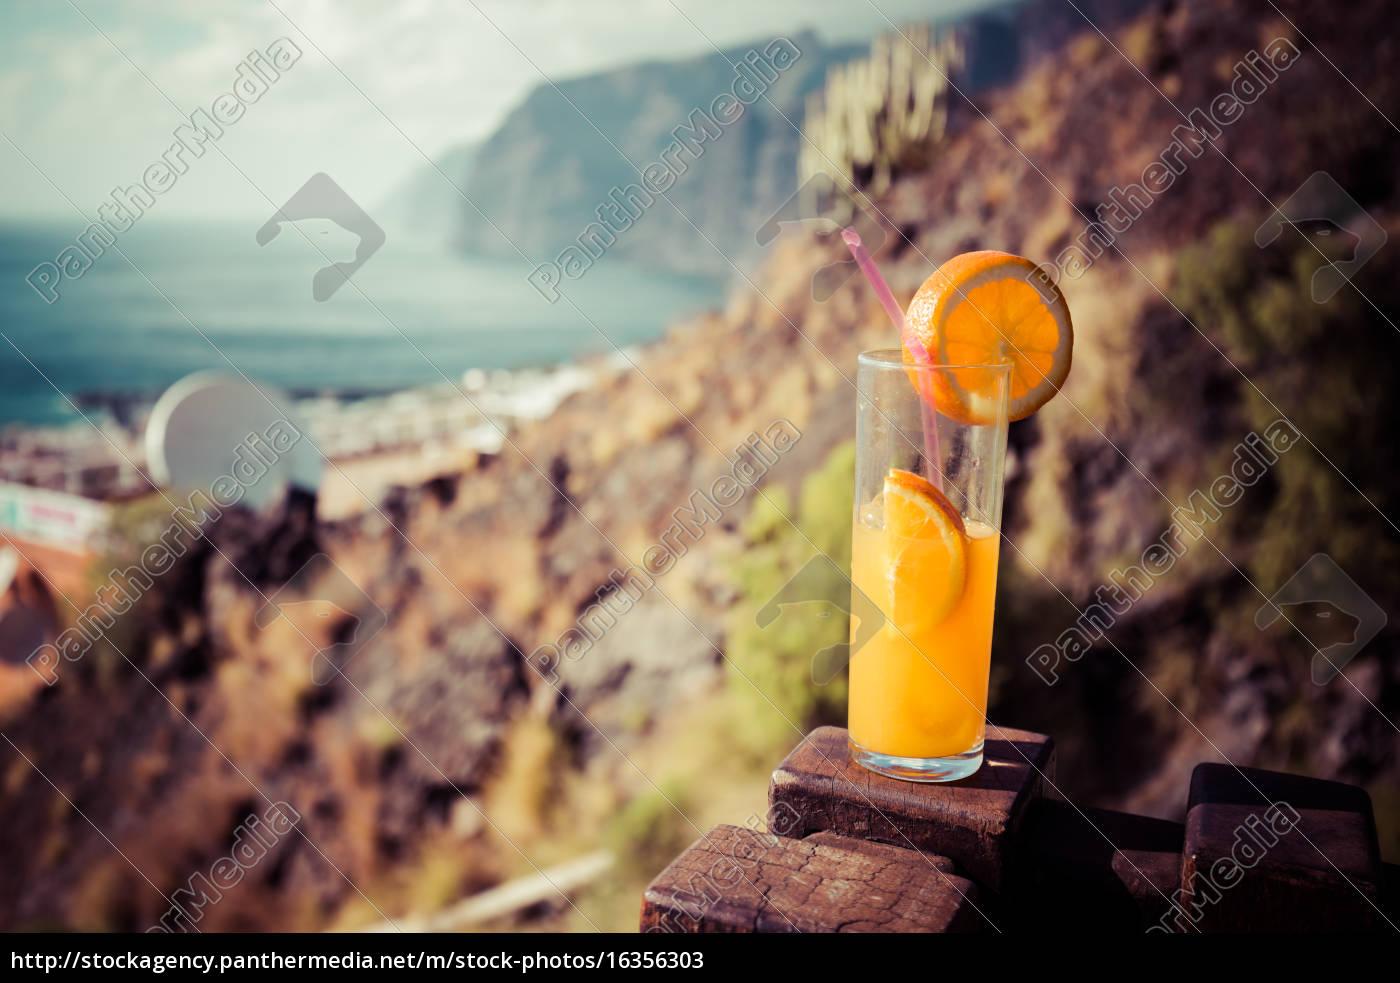 orange, juice, glass - 16356303